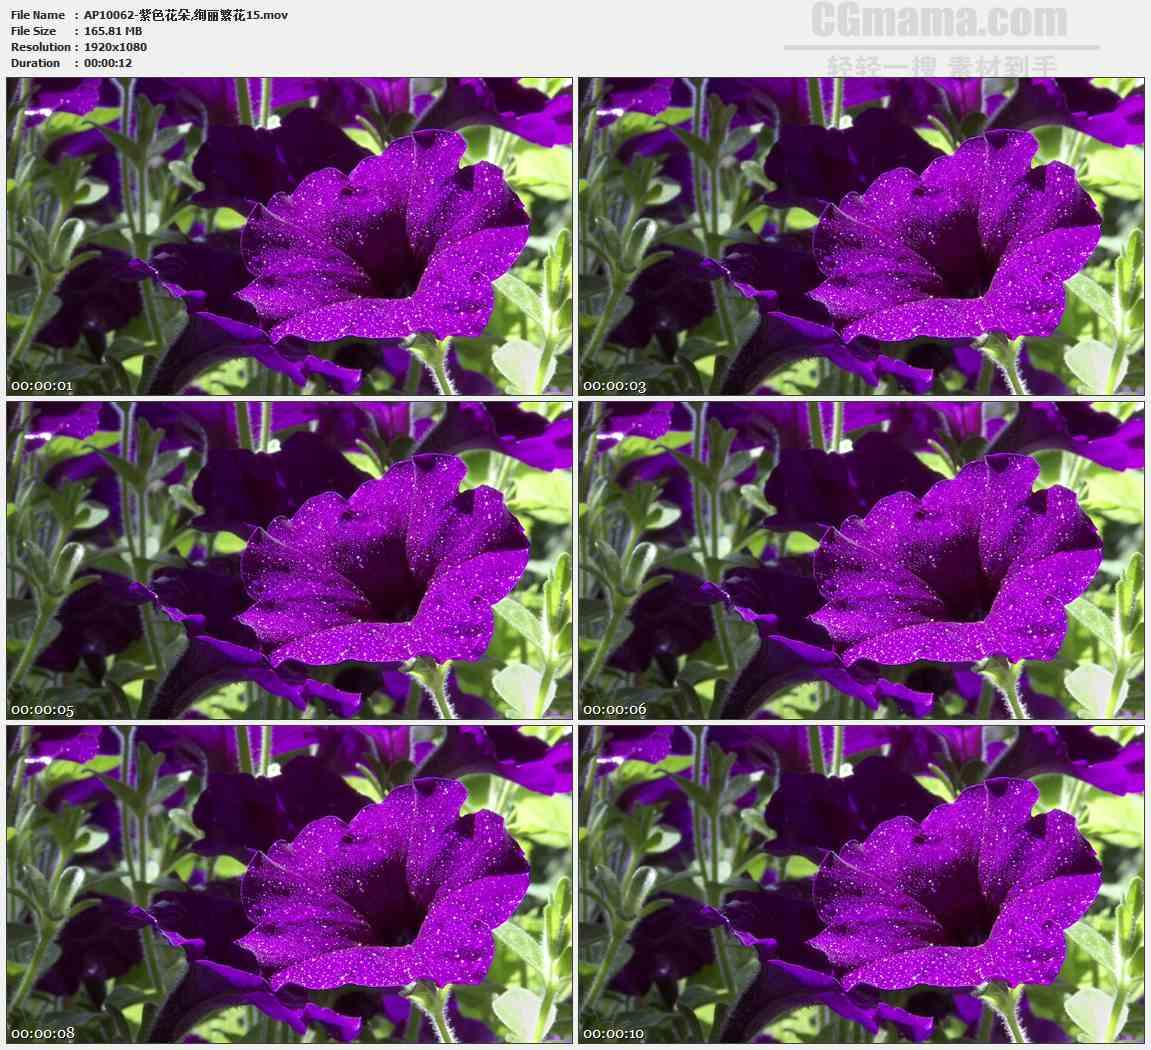 AP10062-紫色喇叭花特写高清实拍视频素材